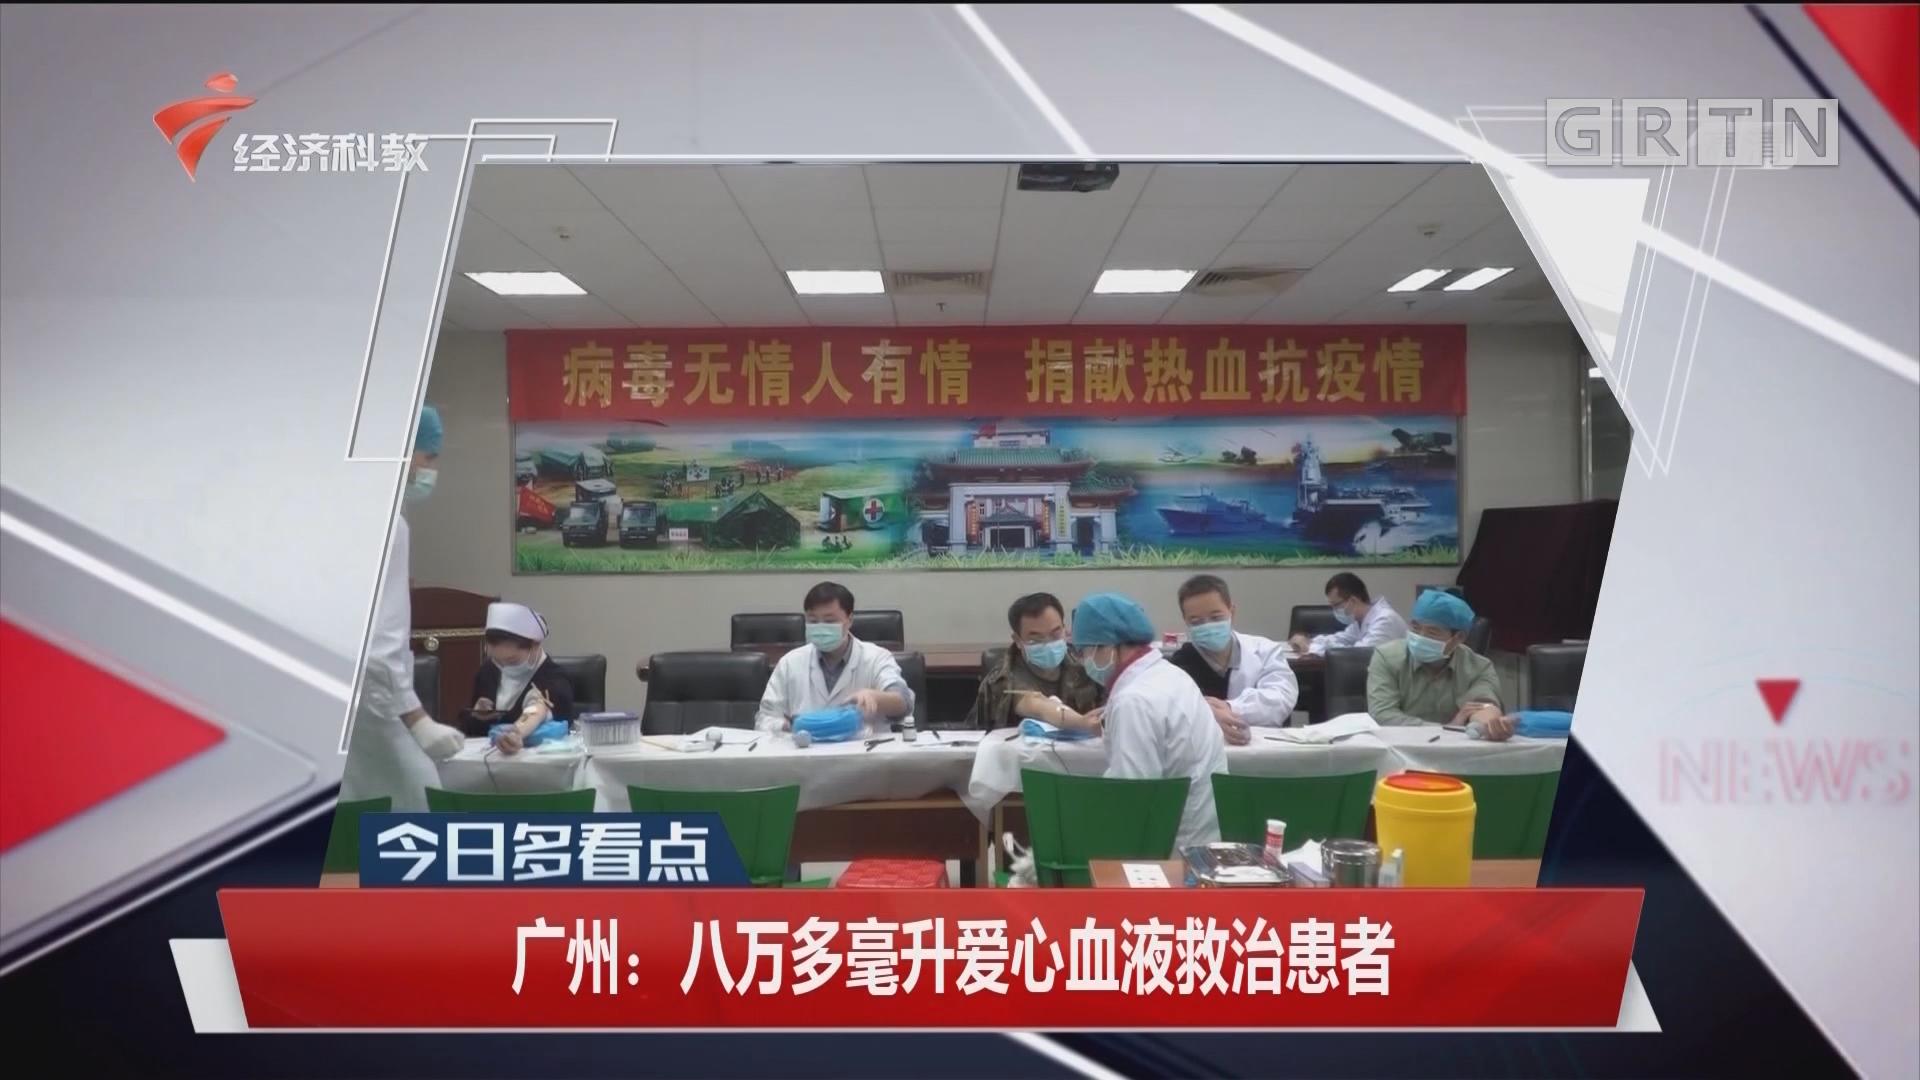 广州:八万多毫升爱心血液救治患者